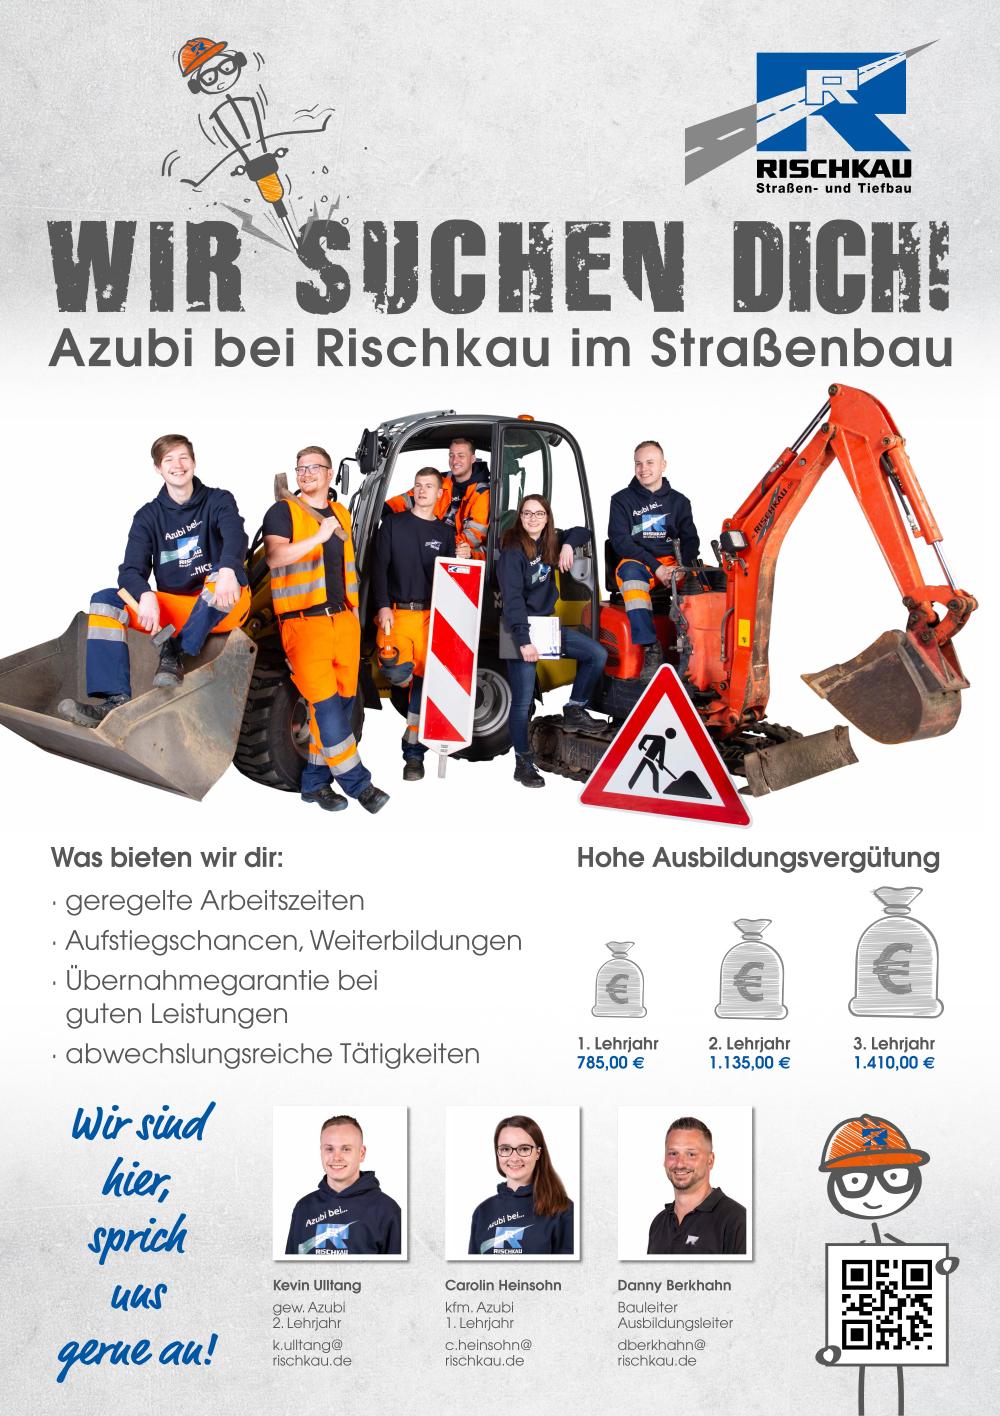 Richard Rischkau Straßen Und Tiefbau Gmbh Buxtehude Straßenbau